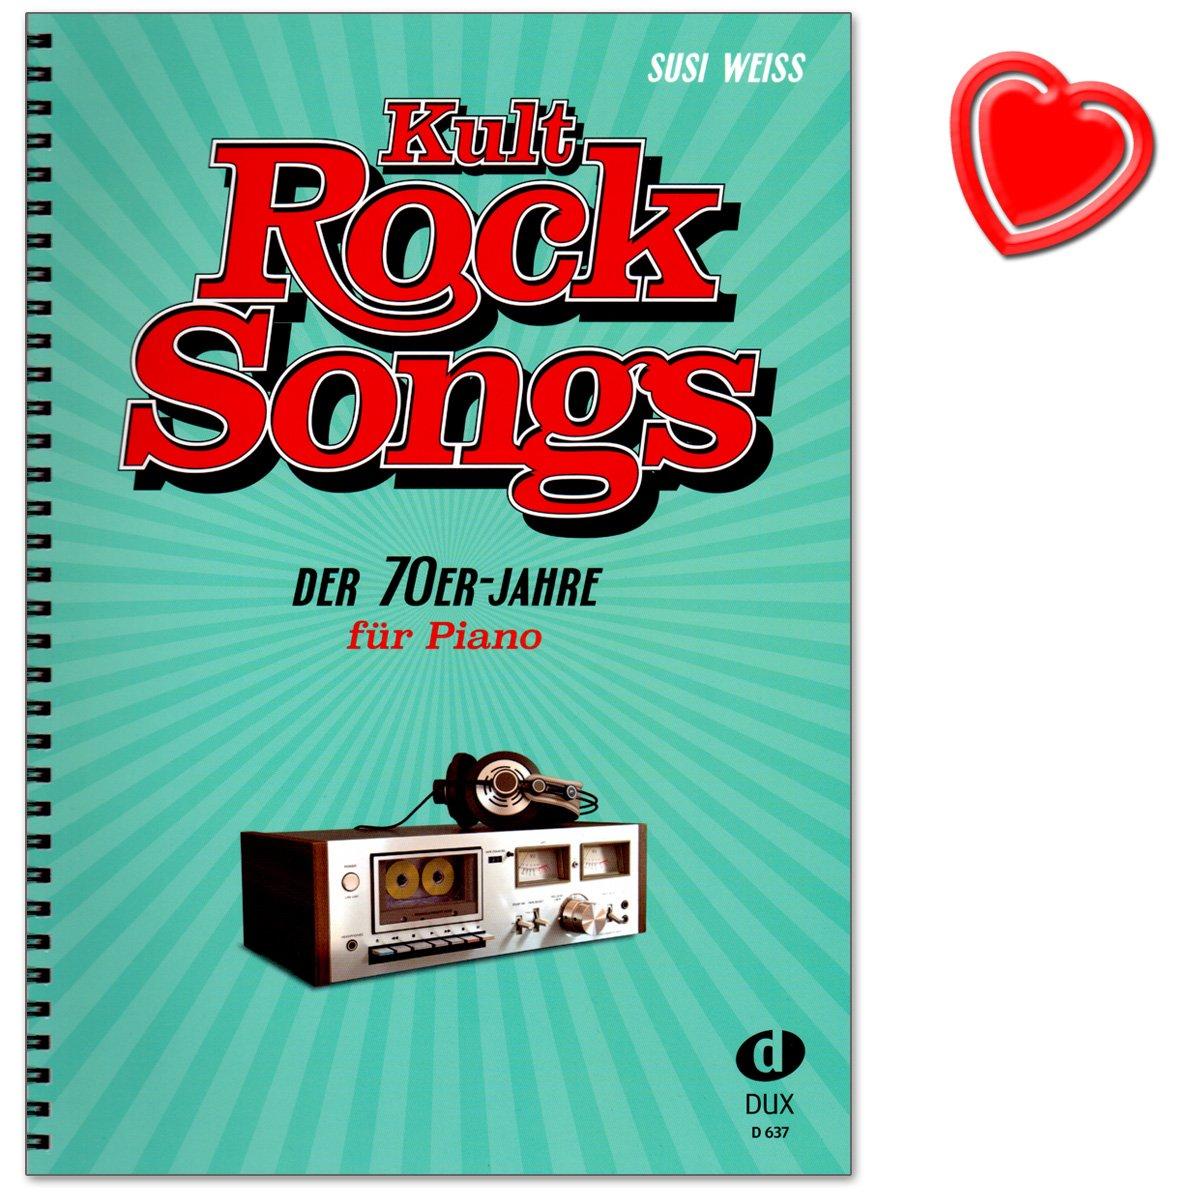 Kult-Rocksongs der 70er-Jahre - 30 Klassiker, arrangiert für Piano - Eagles, Elton John, Rod Stewart, Supertramp uvm. - Klaviernoten mit bunter herzförmiger Notenklammer Eidition DUX